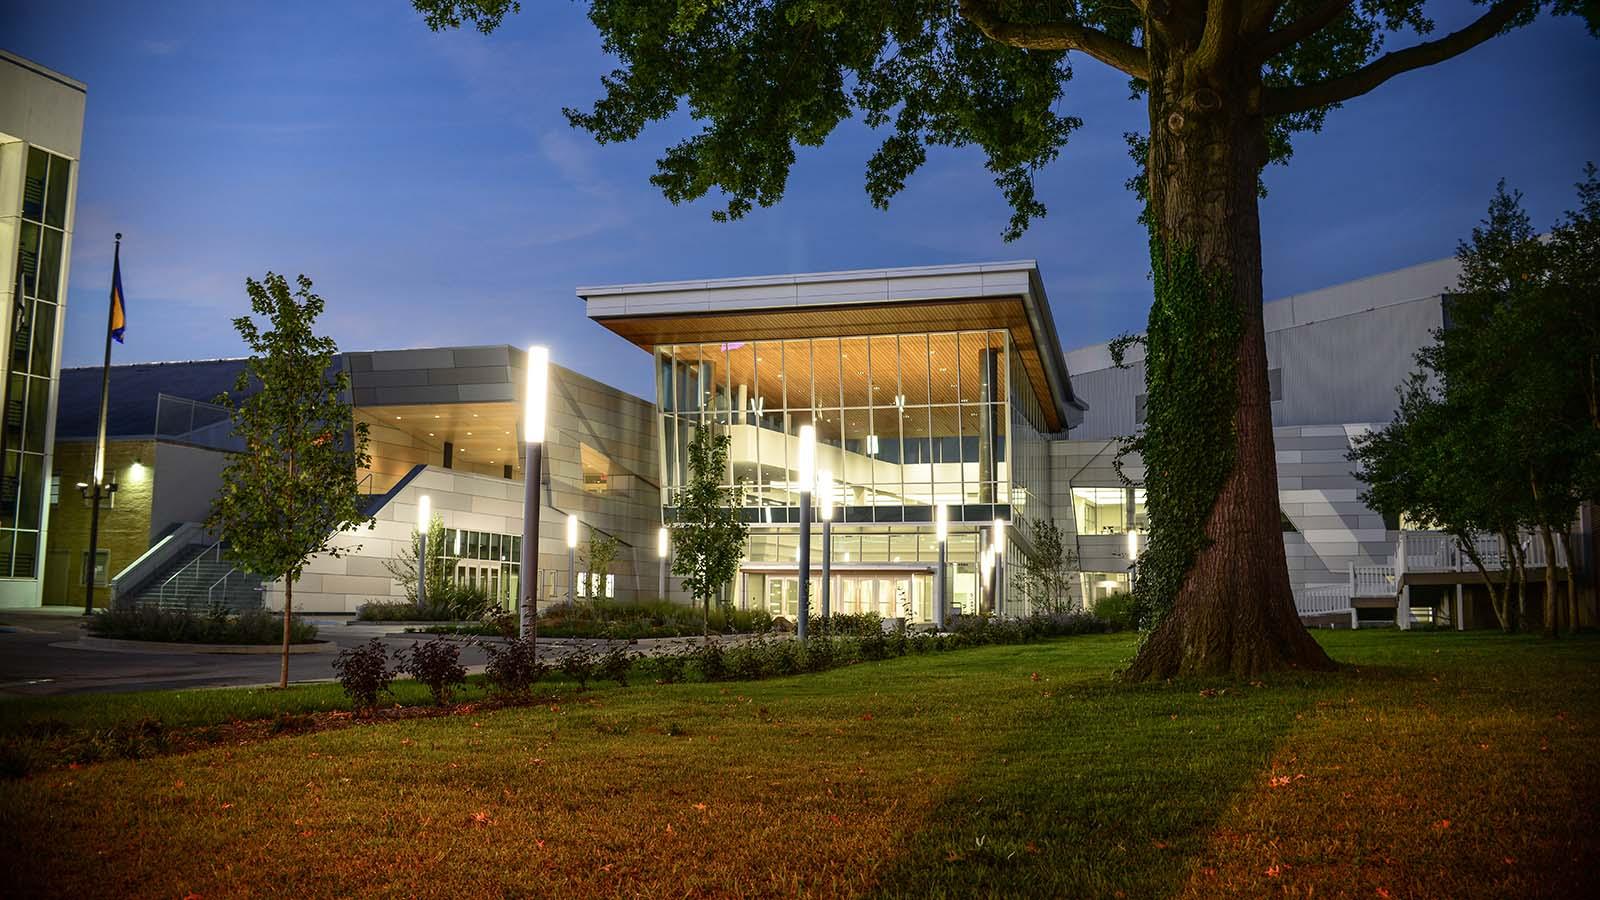 74 Koleksi Civic Center Charleston Gratis Terbaik